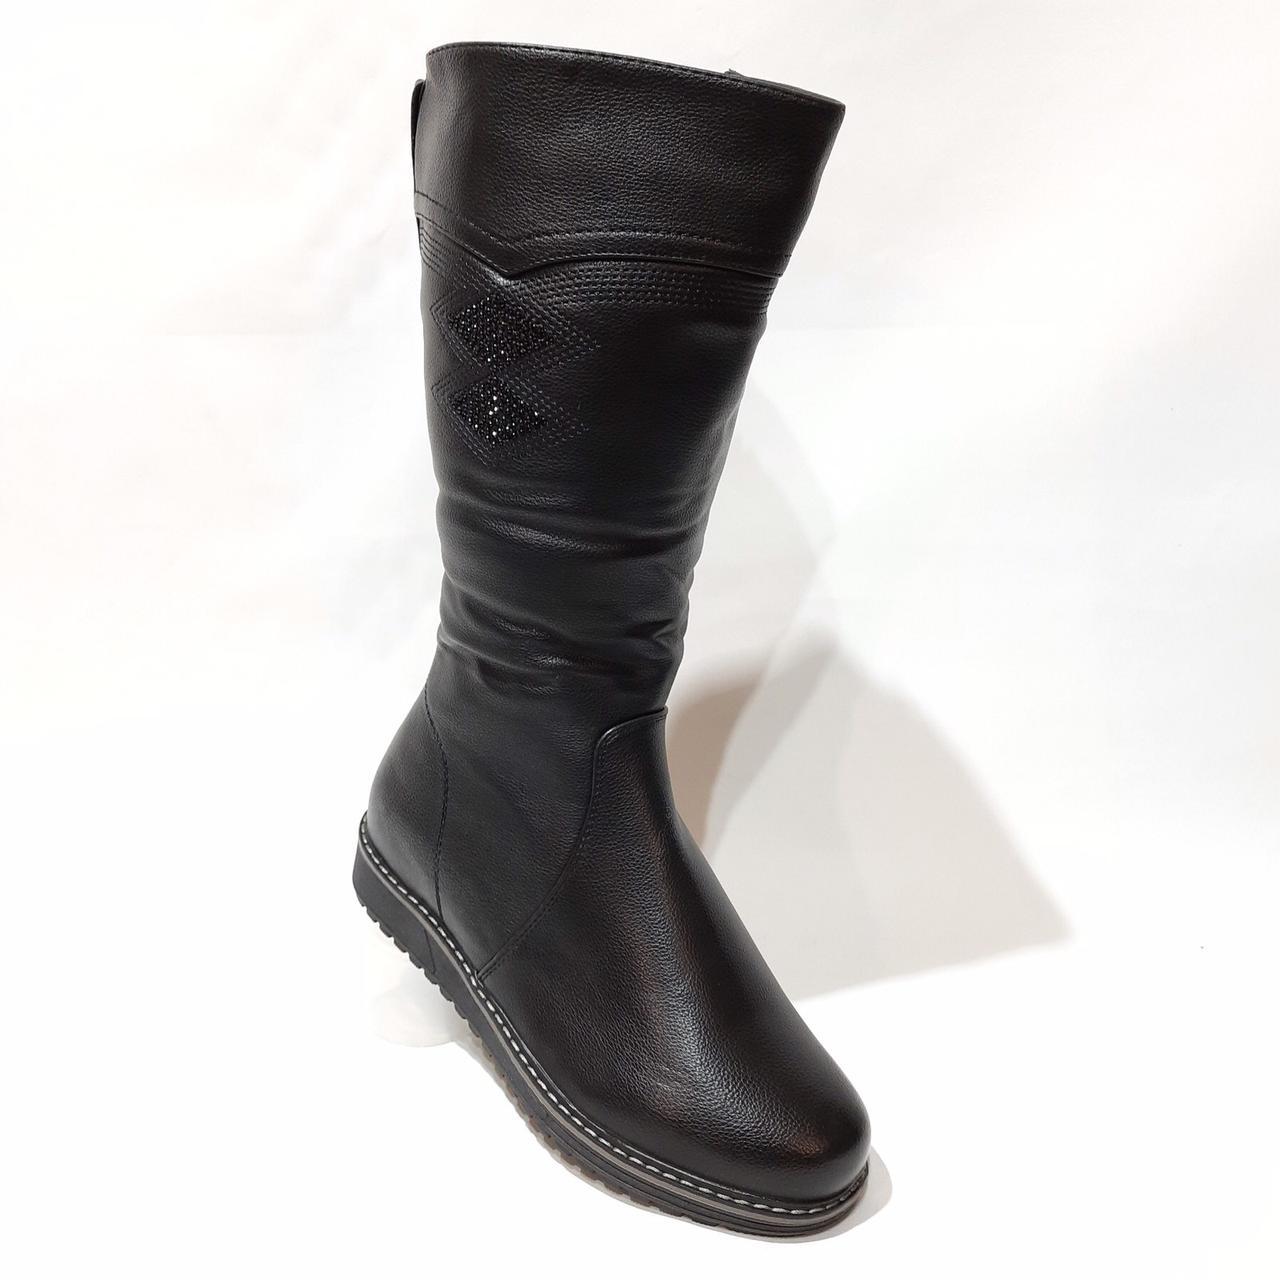 Жіночі зимові чоботи з ека-шкіри Чорні р. 38,39,40,42